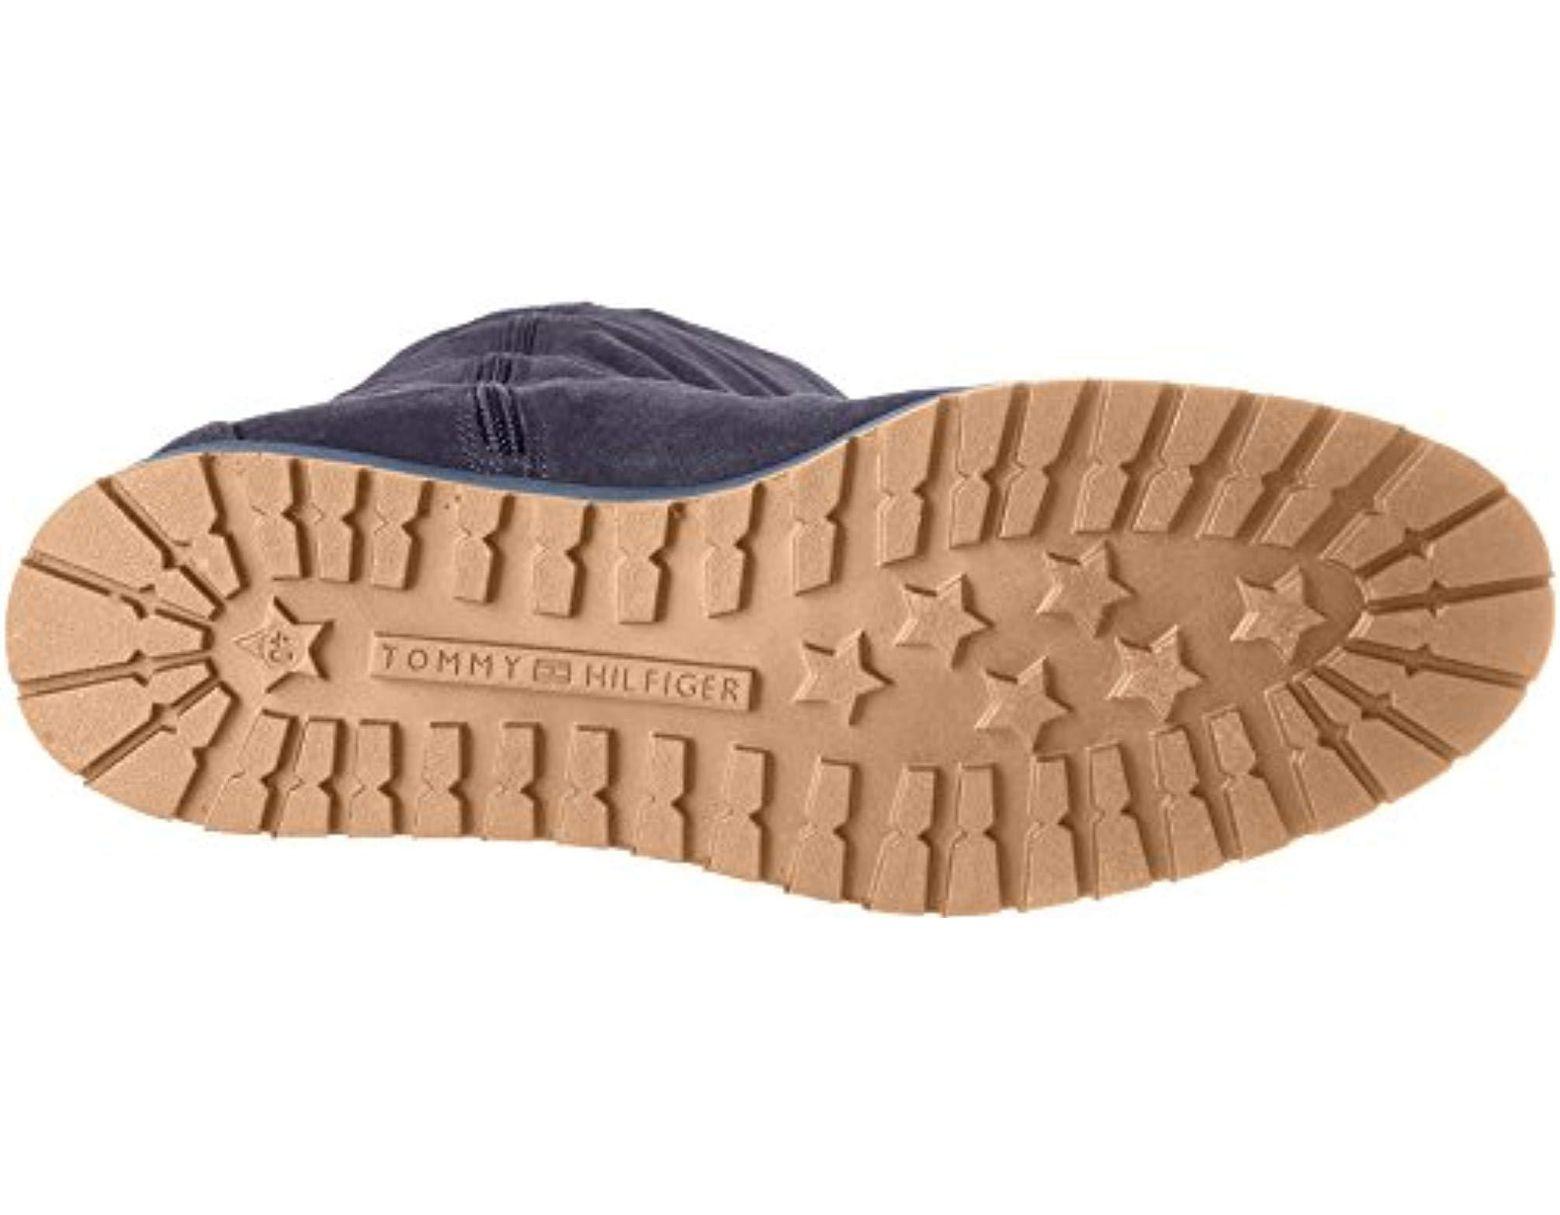 8d724eb4c30122 Tommy Hilfiger R1285ita 4b Boots in Blue - Lyst